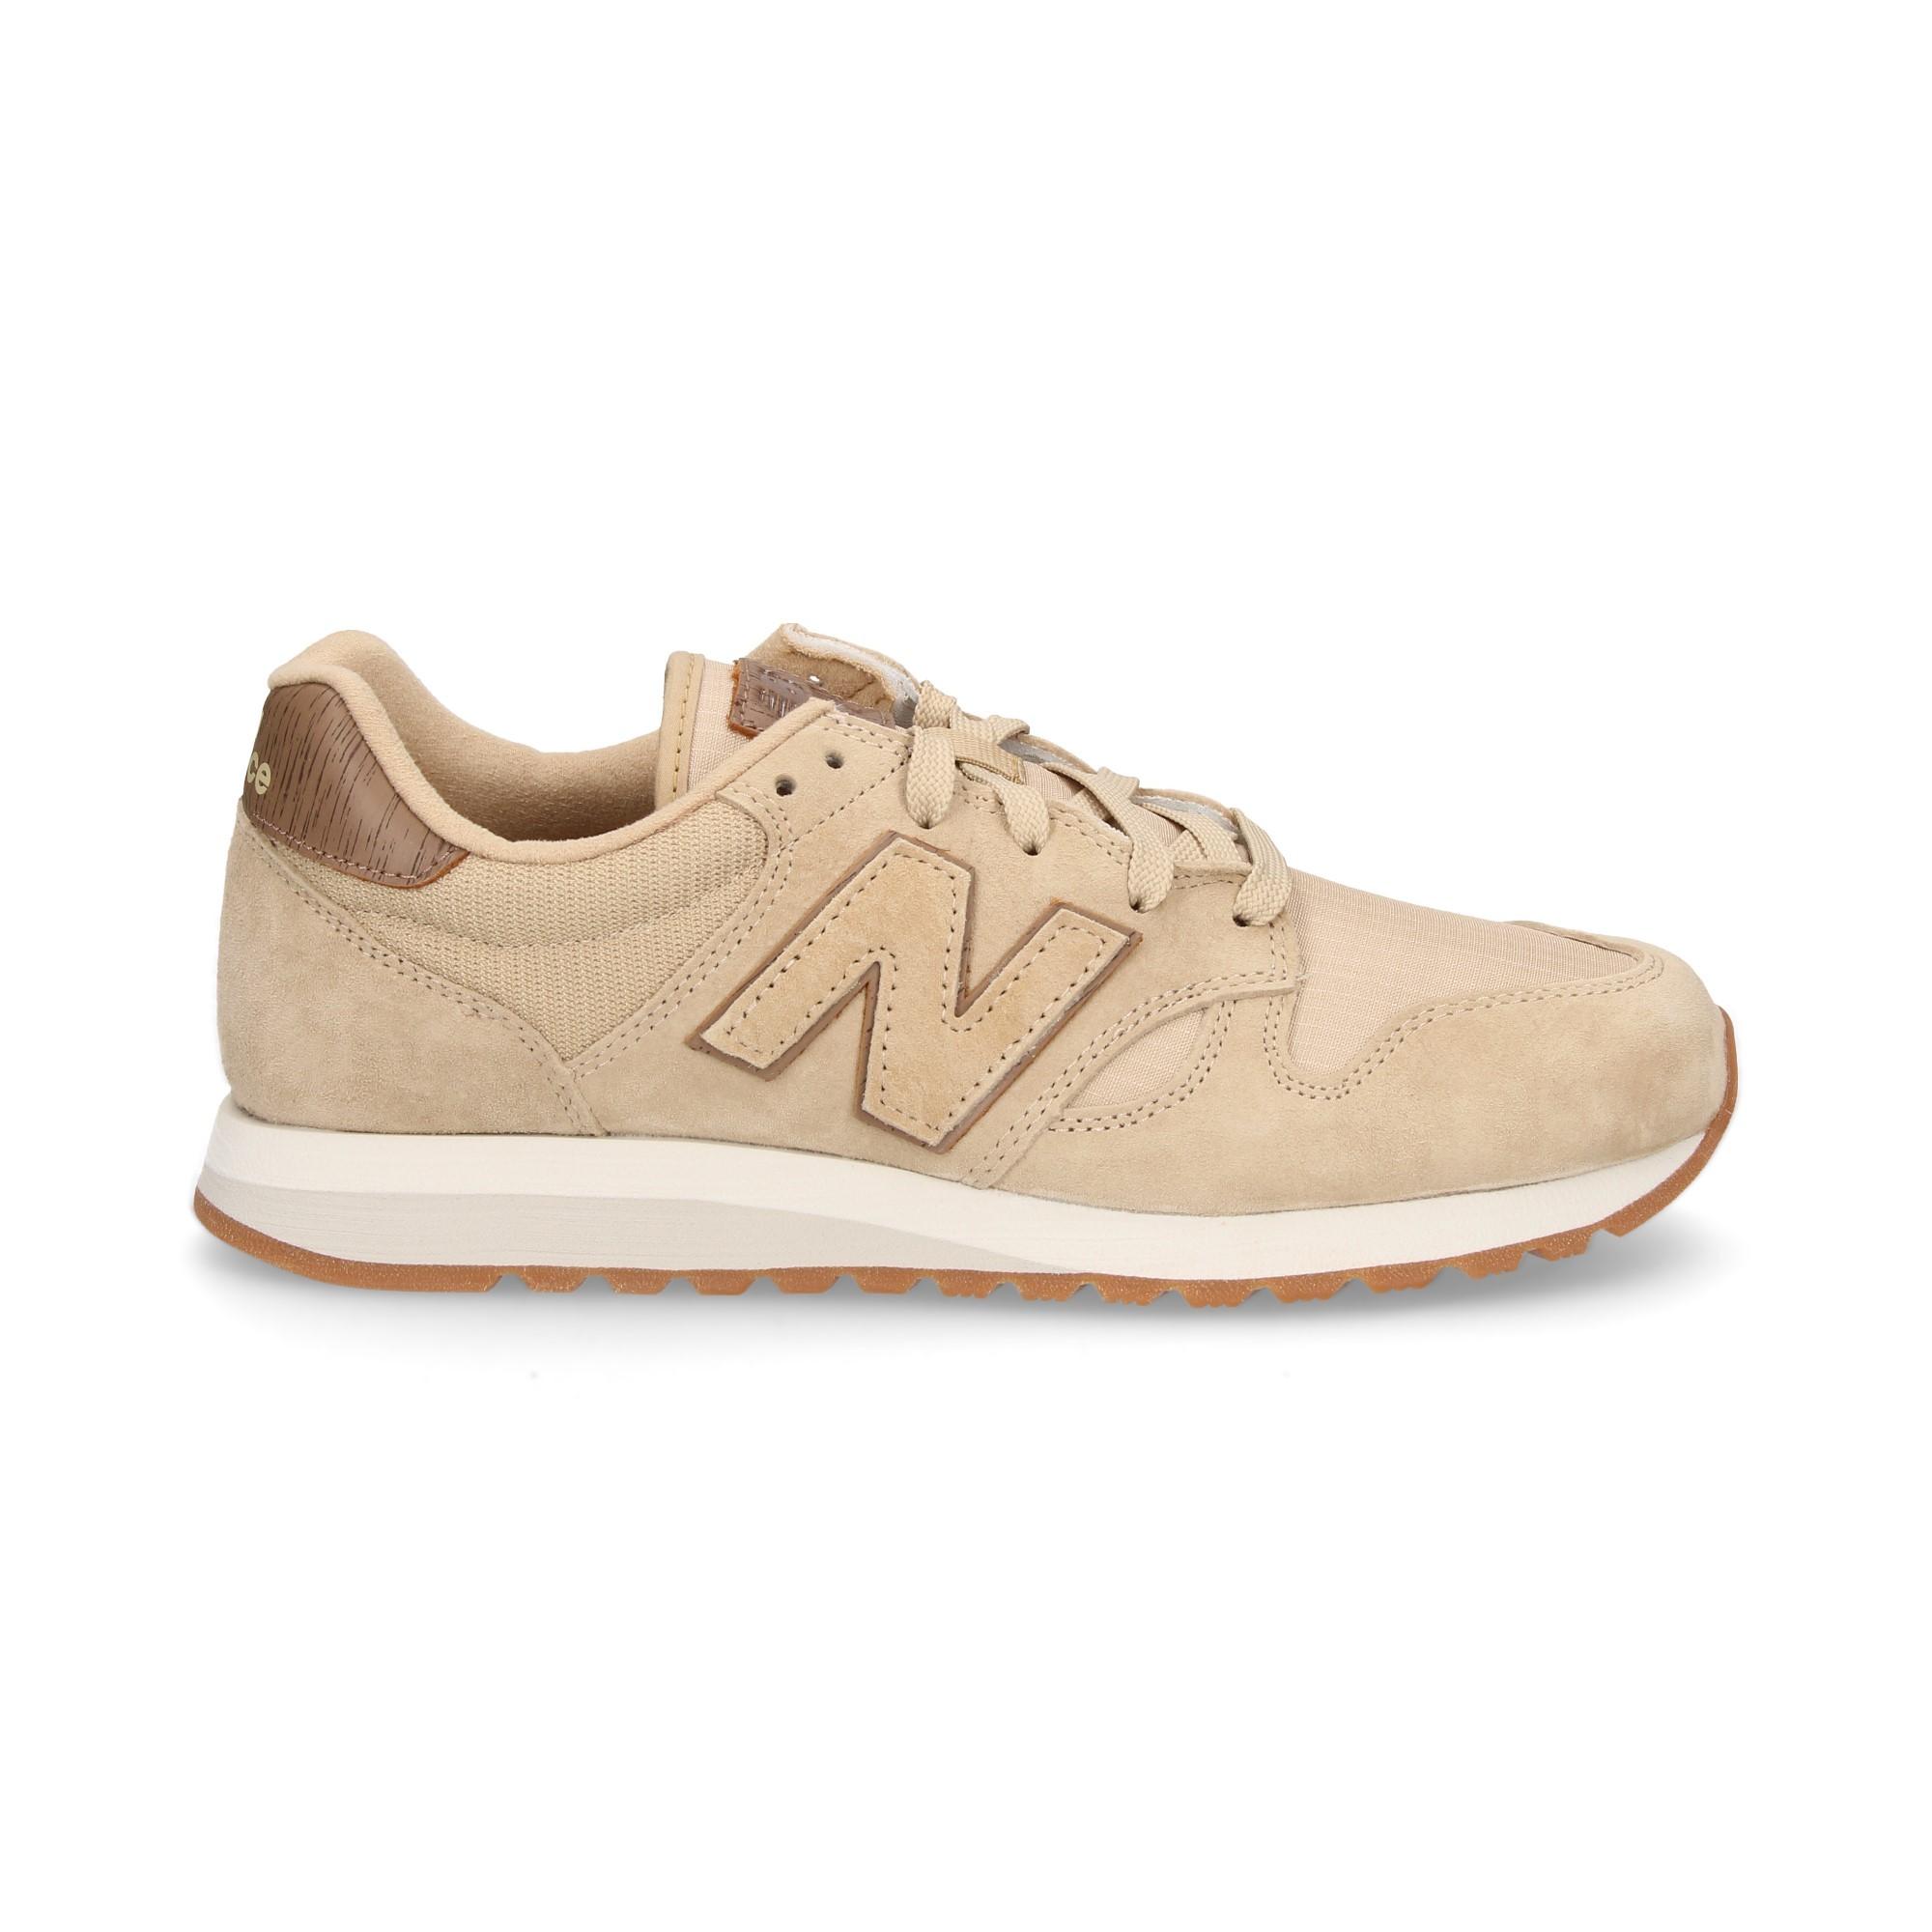 new balance 520 beige homme